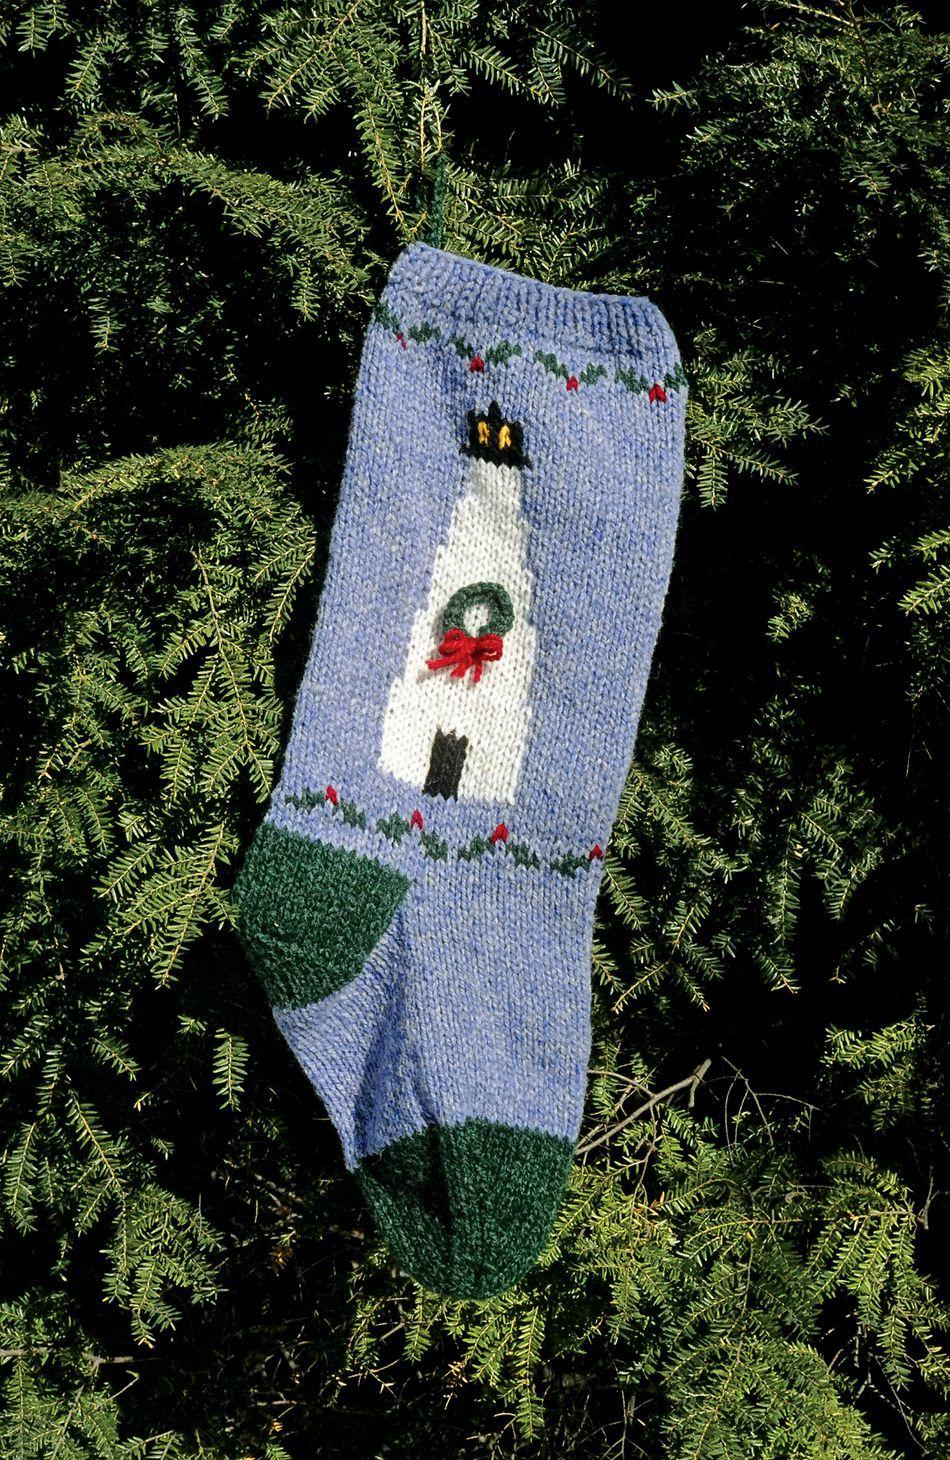 Christmas Stocking Knitting Pattern Straight Needles : Lighthouse christmas stocking kit knitting halcyon yarn